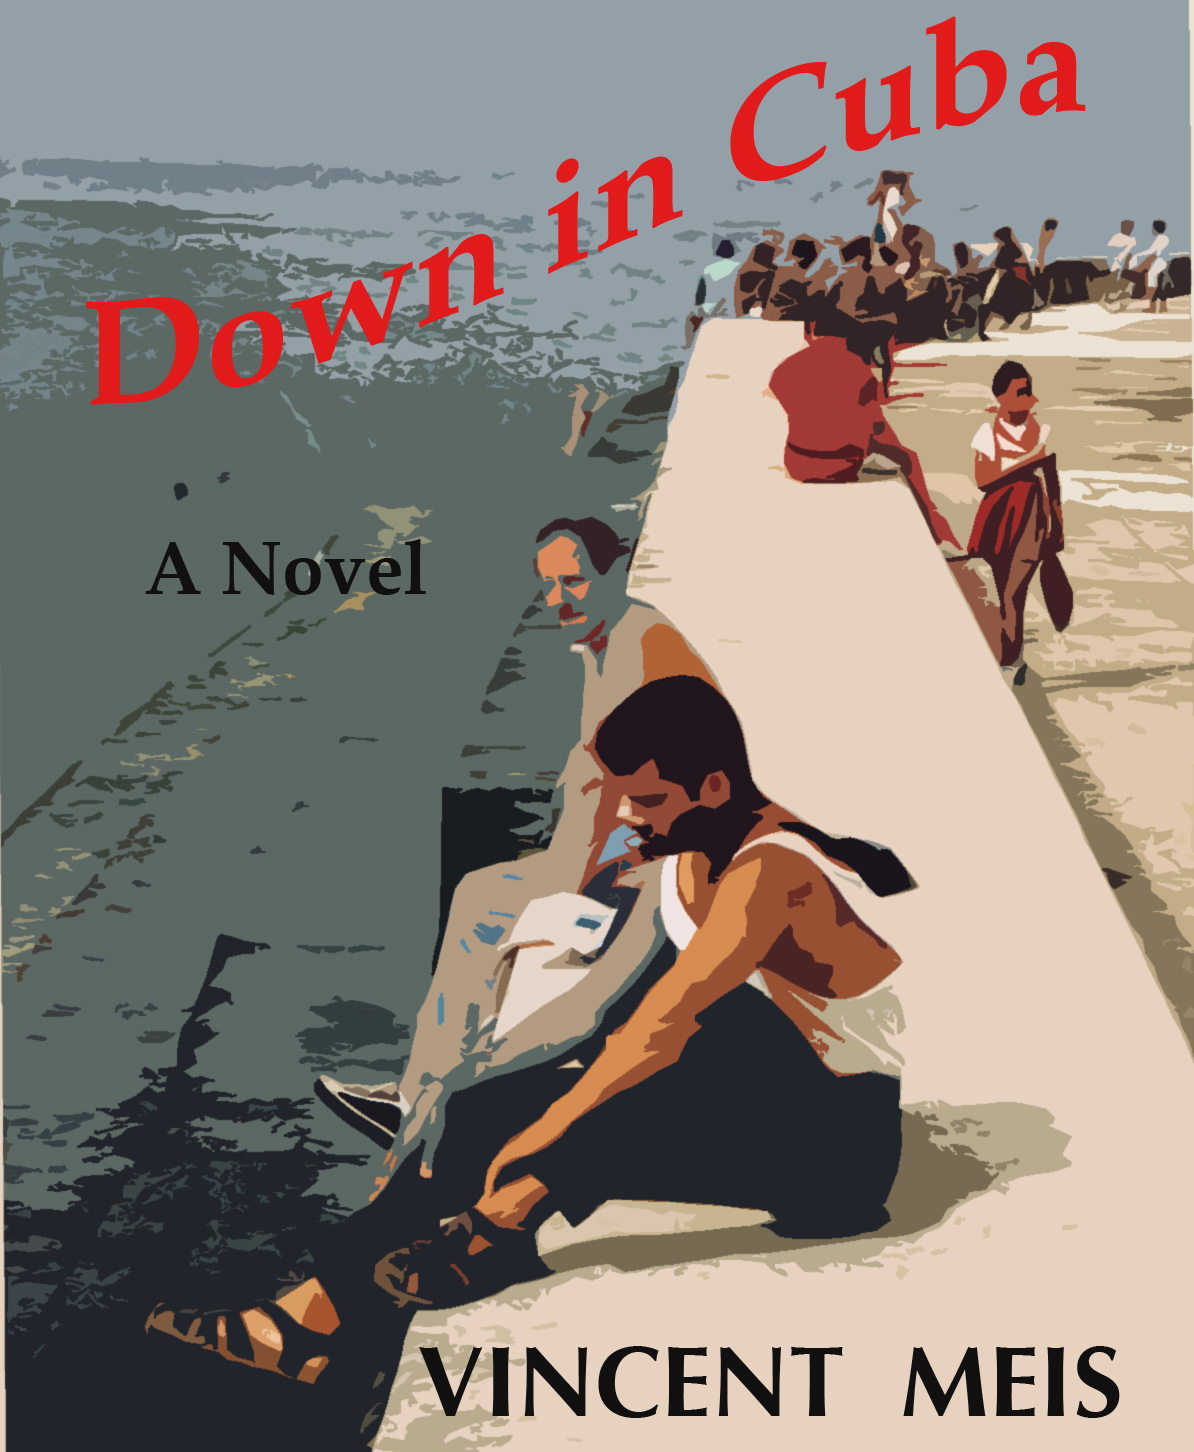 Down in Cuba